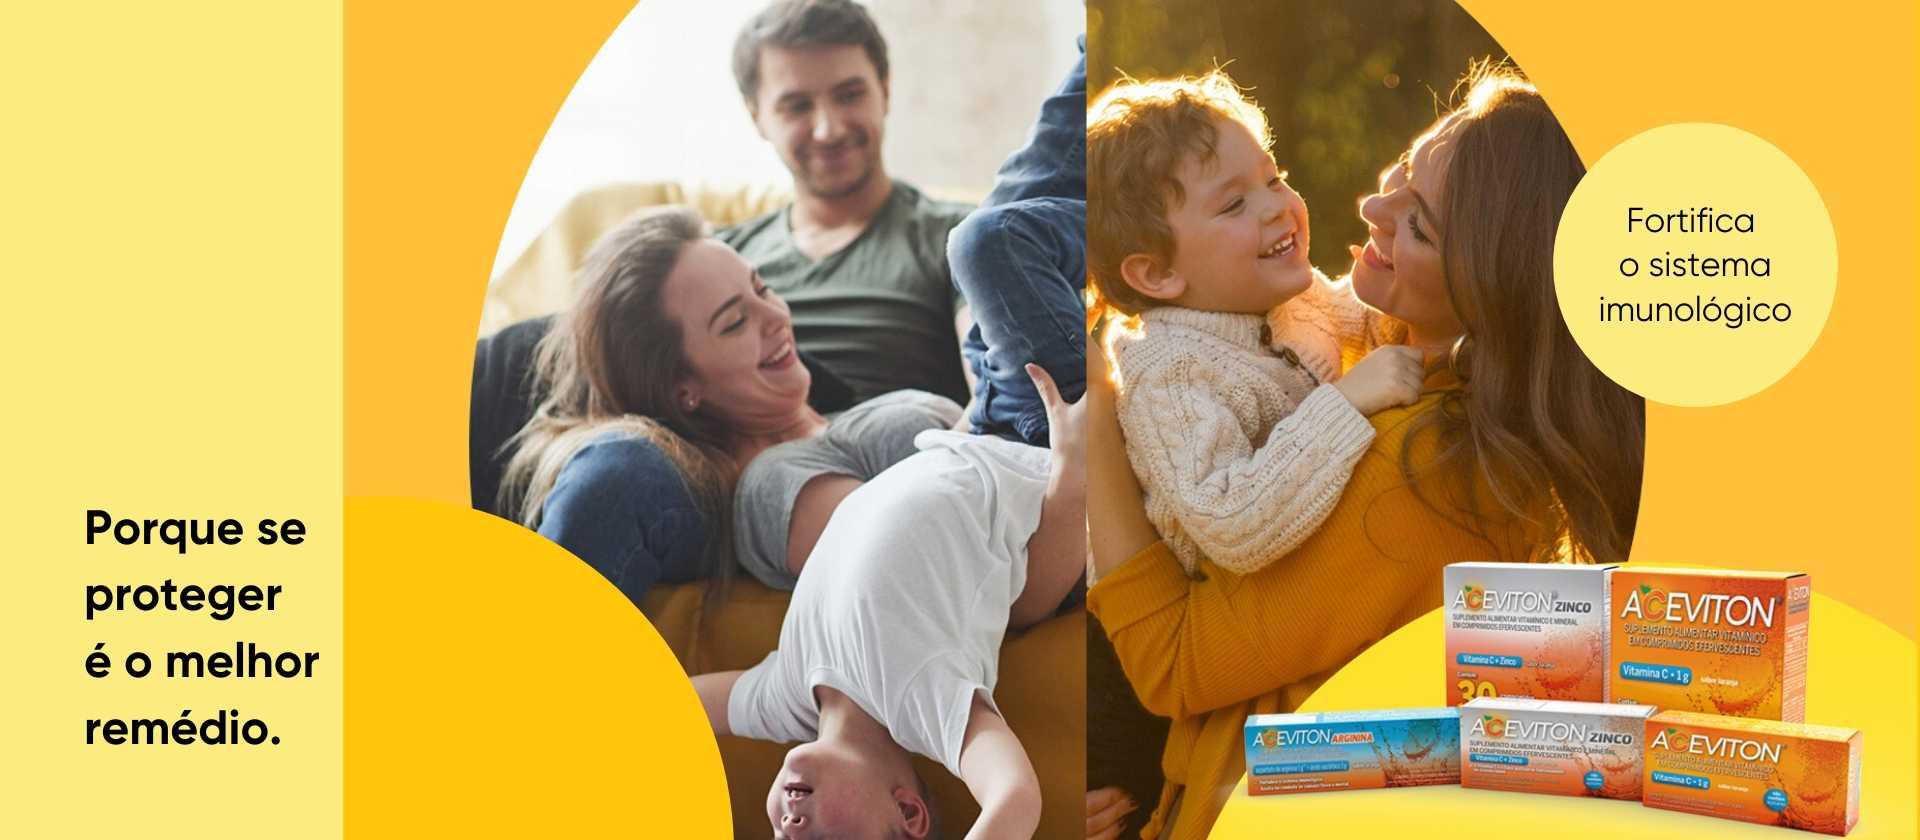 Imagem de pai, mãe e filho na propaganda do Aceviton